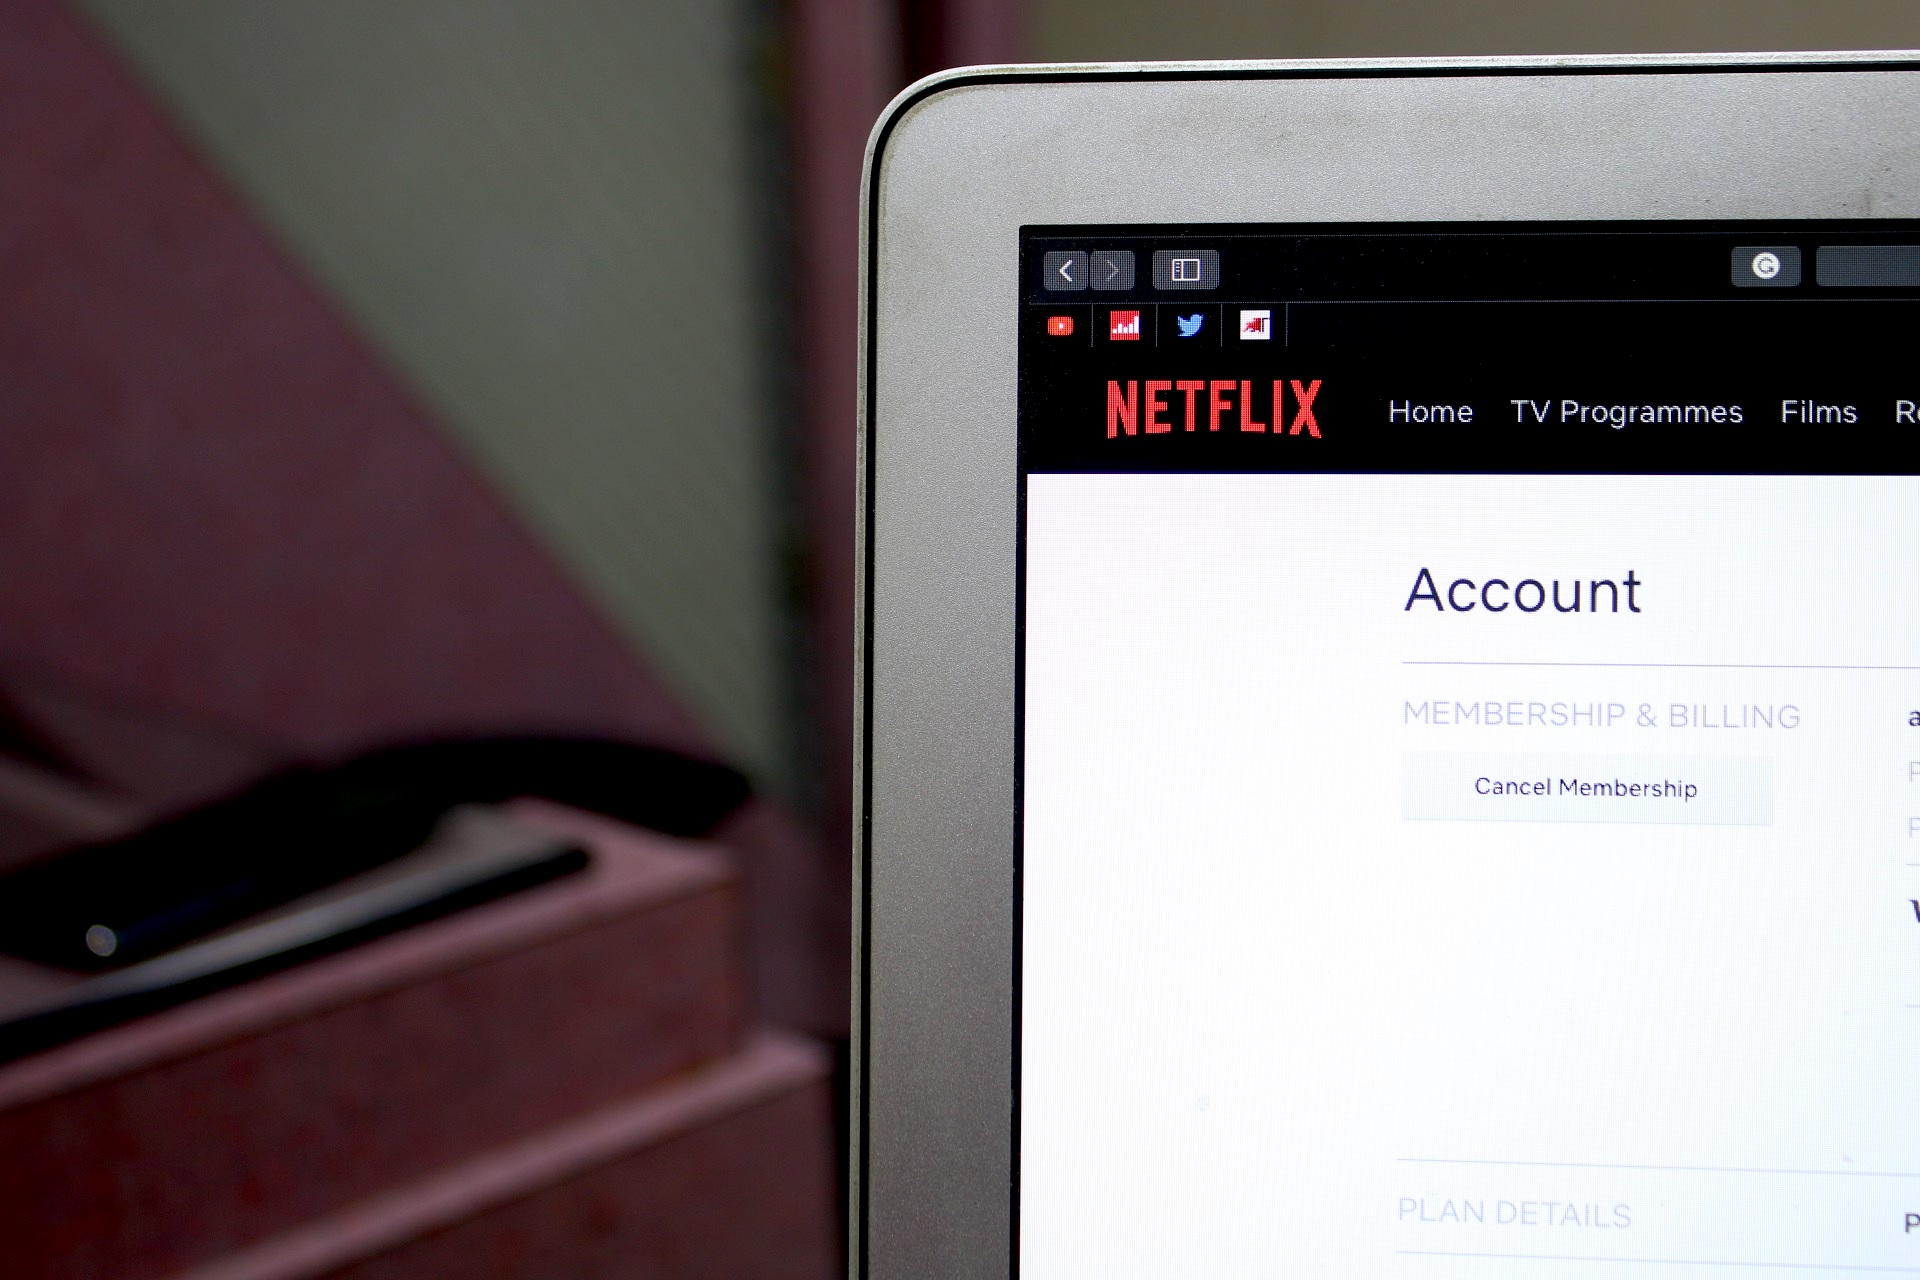 Delete Or Deactivate Netflix Account